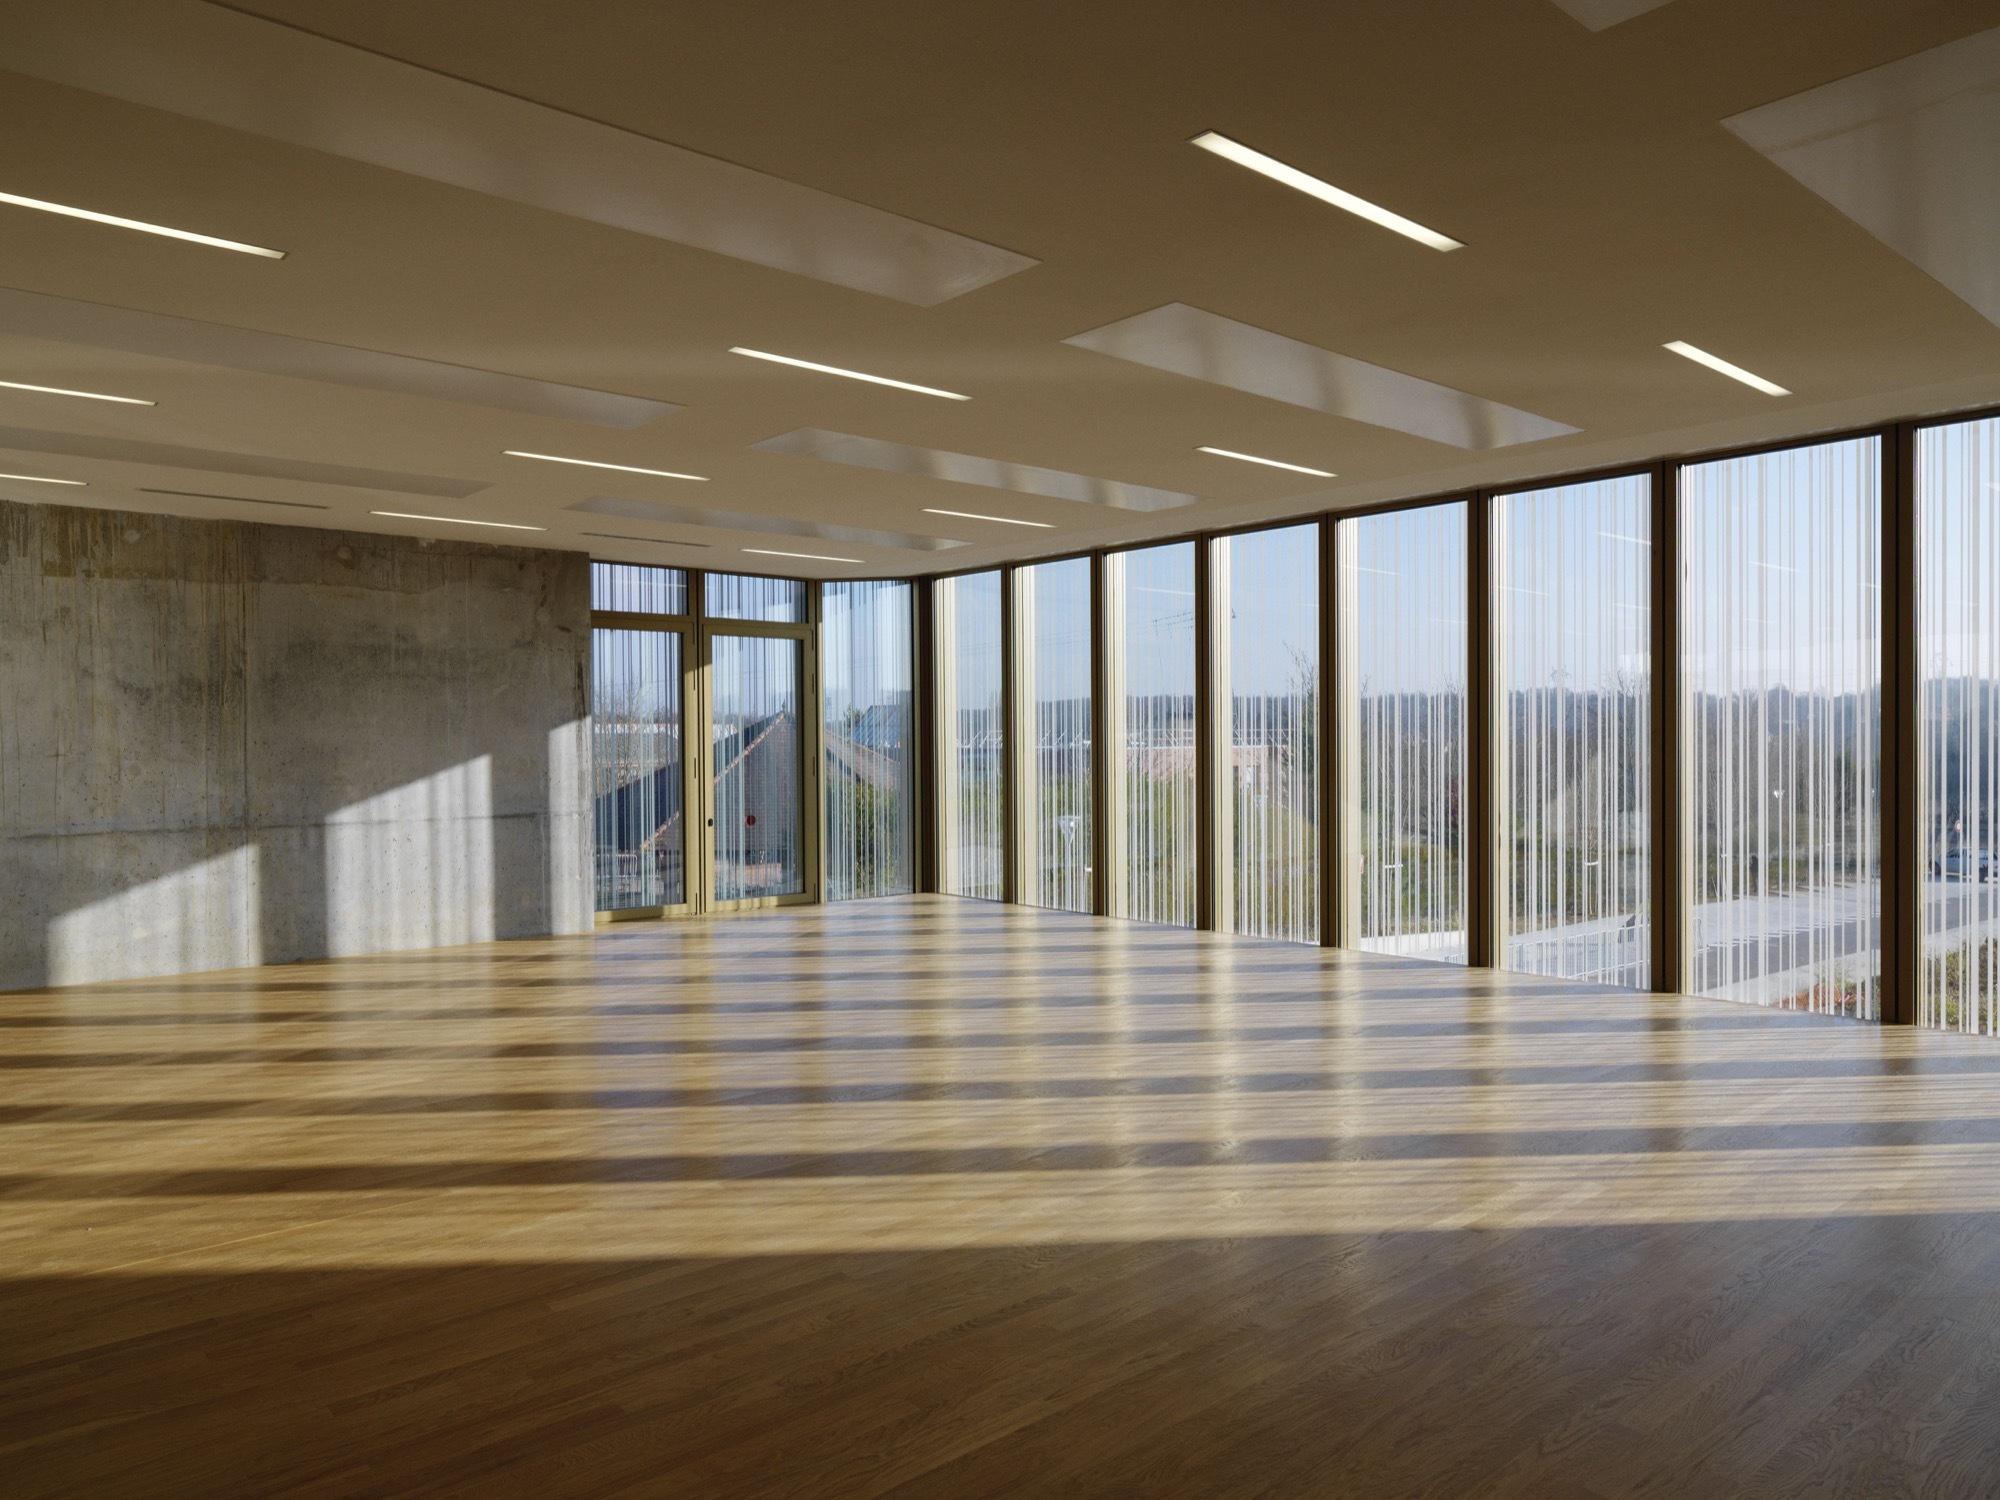 Galer a de centro cultural en saint germain l s arpajon for Salon de usos multiples programa arquitectonico